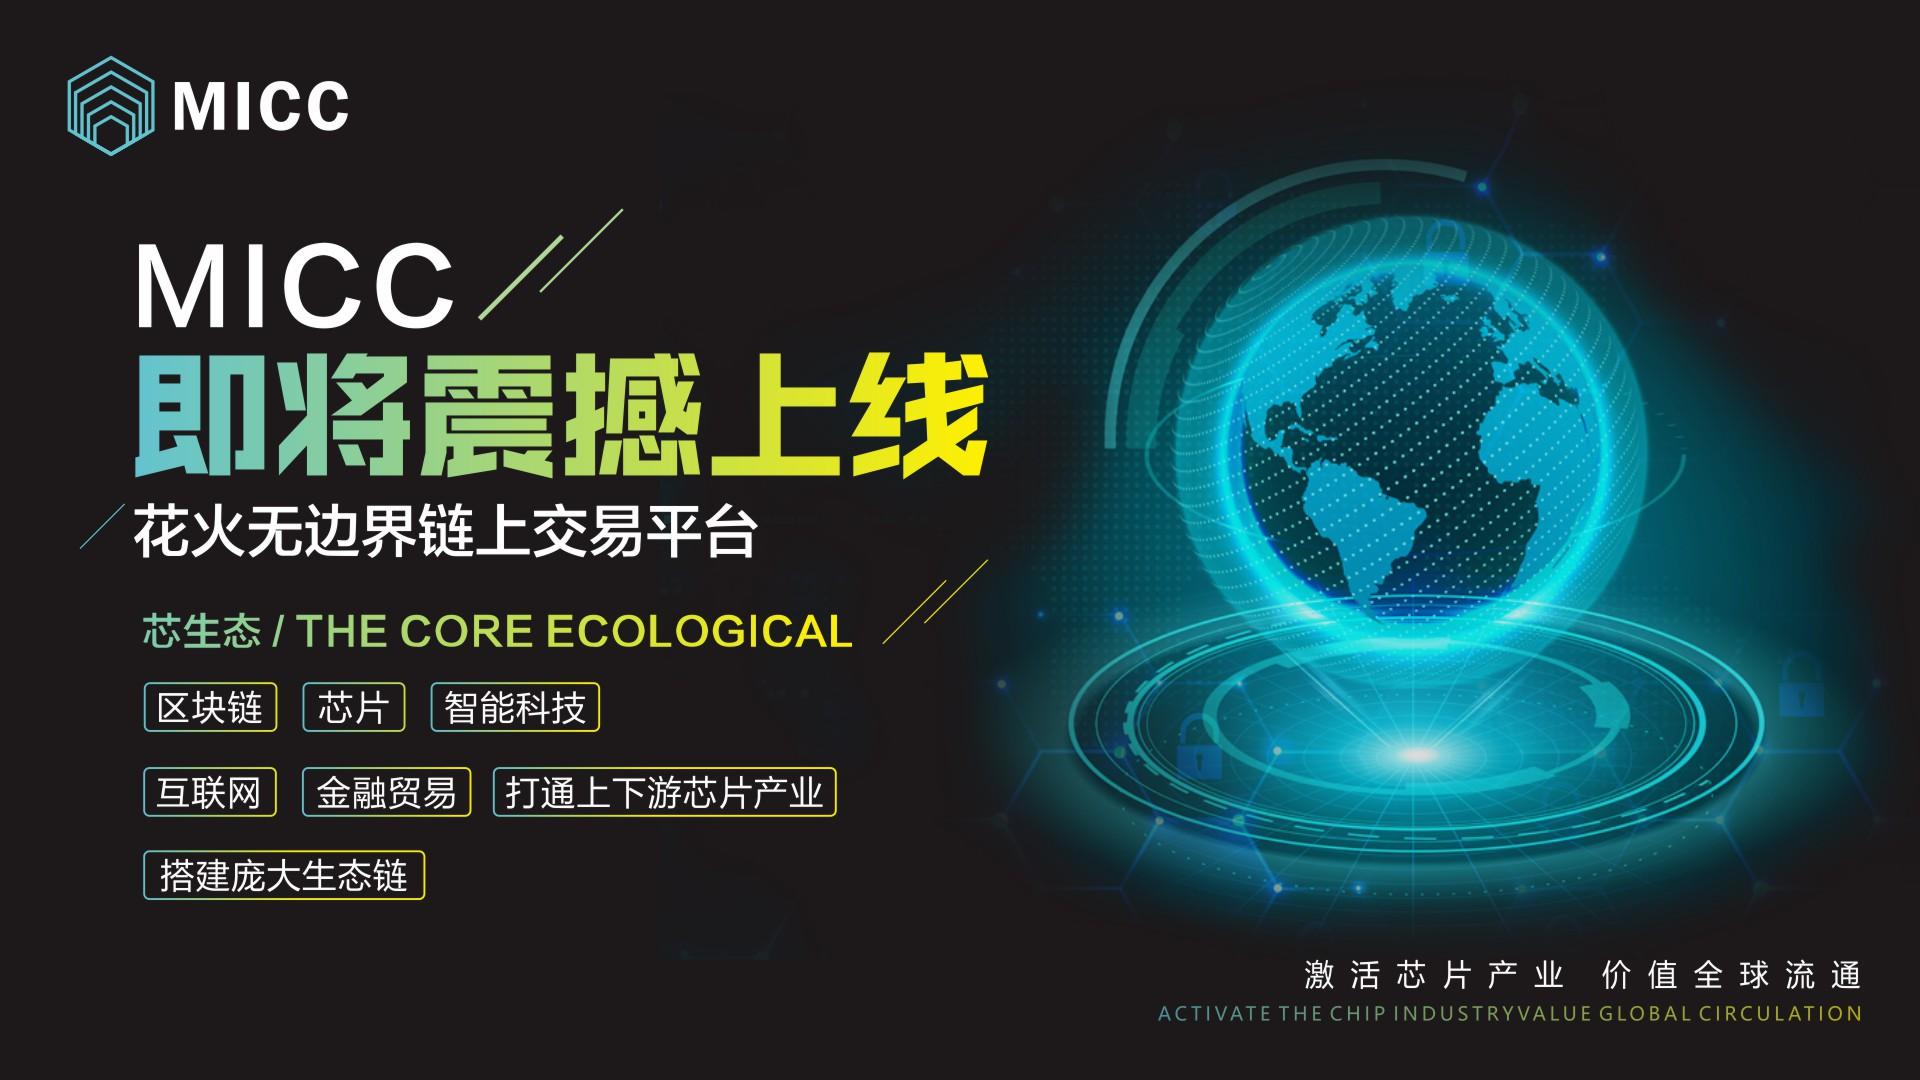 MICC与花火交易平台强强联合,开启全球财富盛宴!